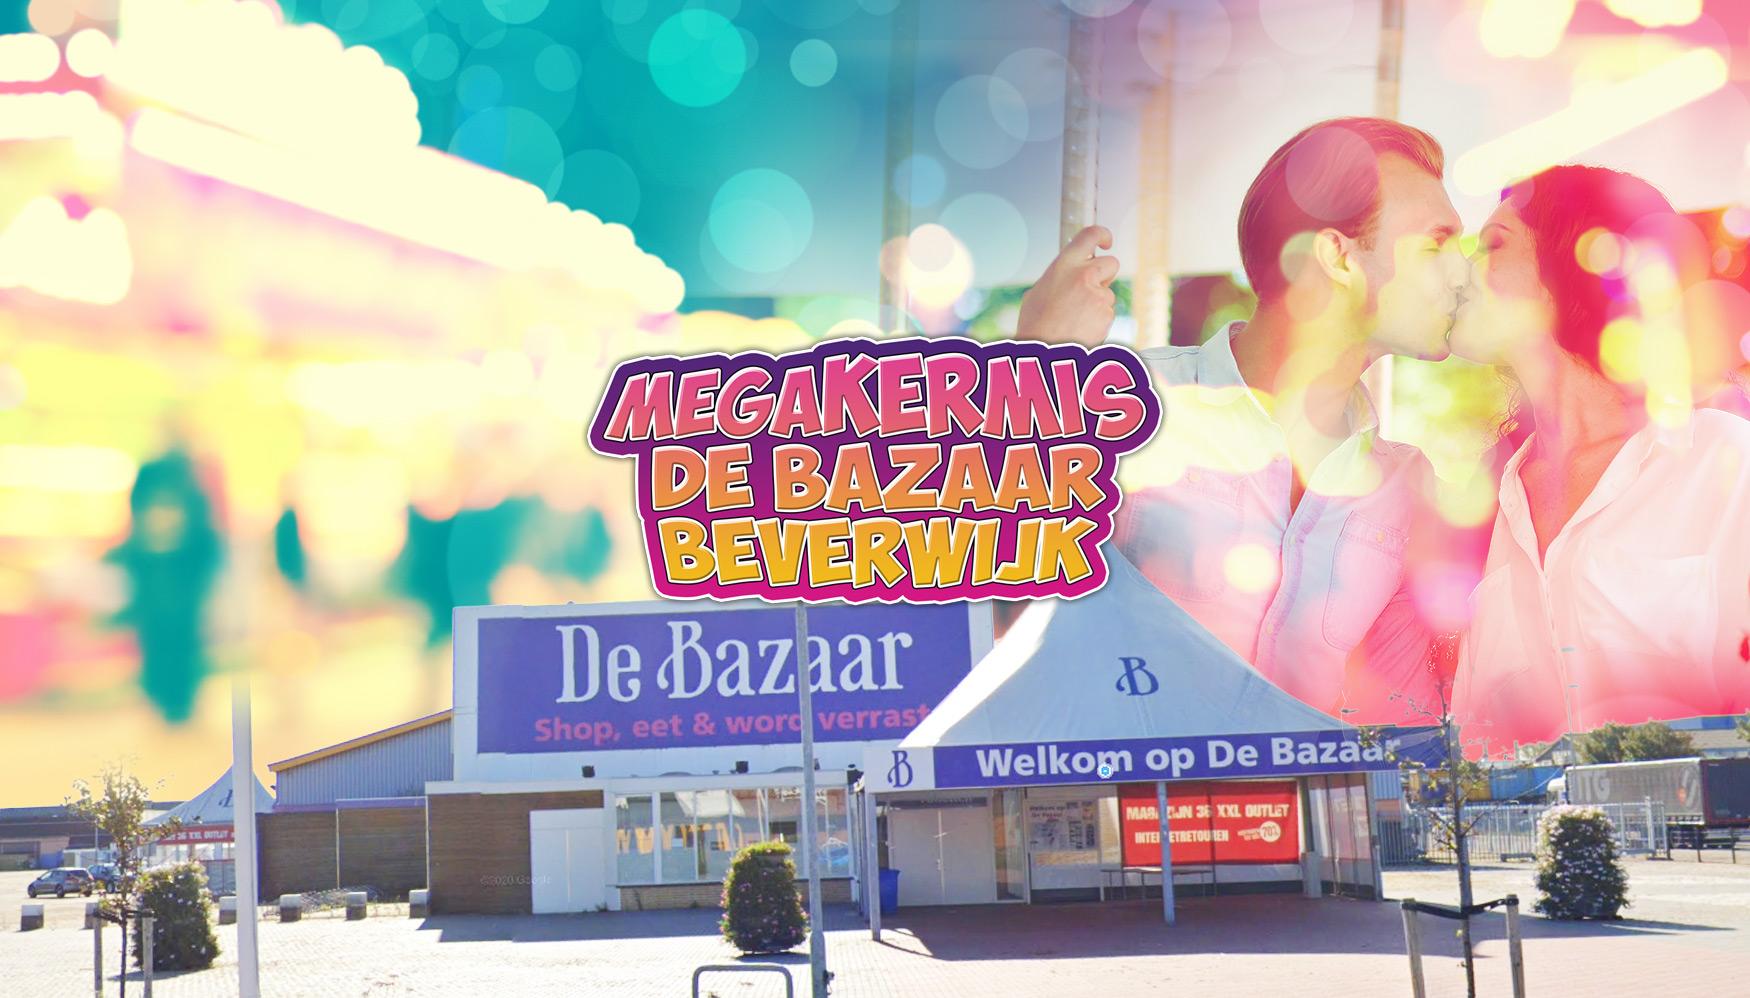 Megakermis Bazaar Beverwijk